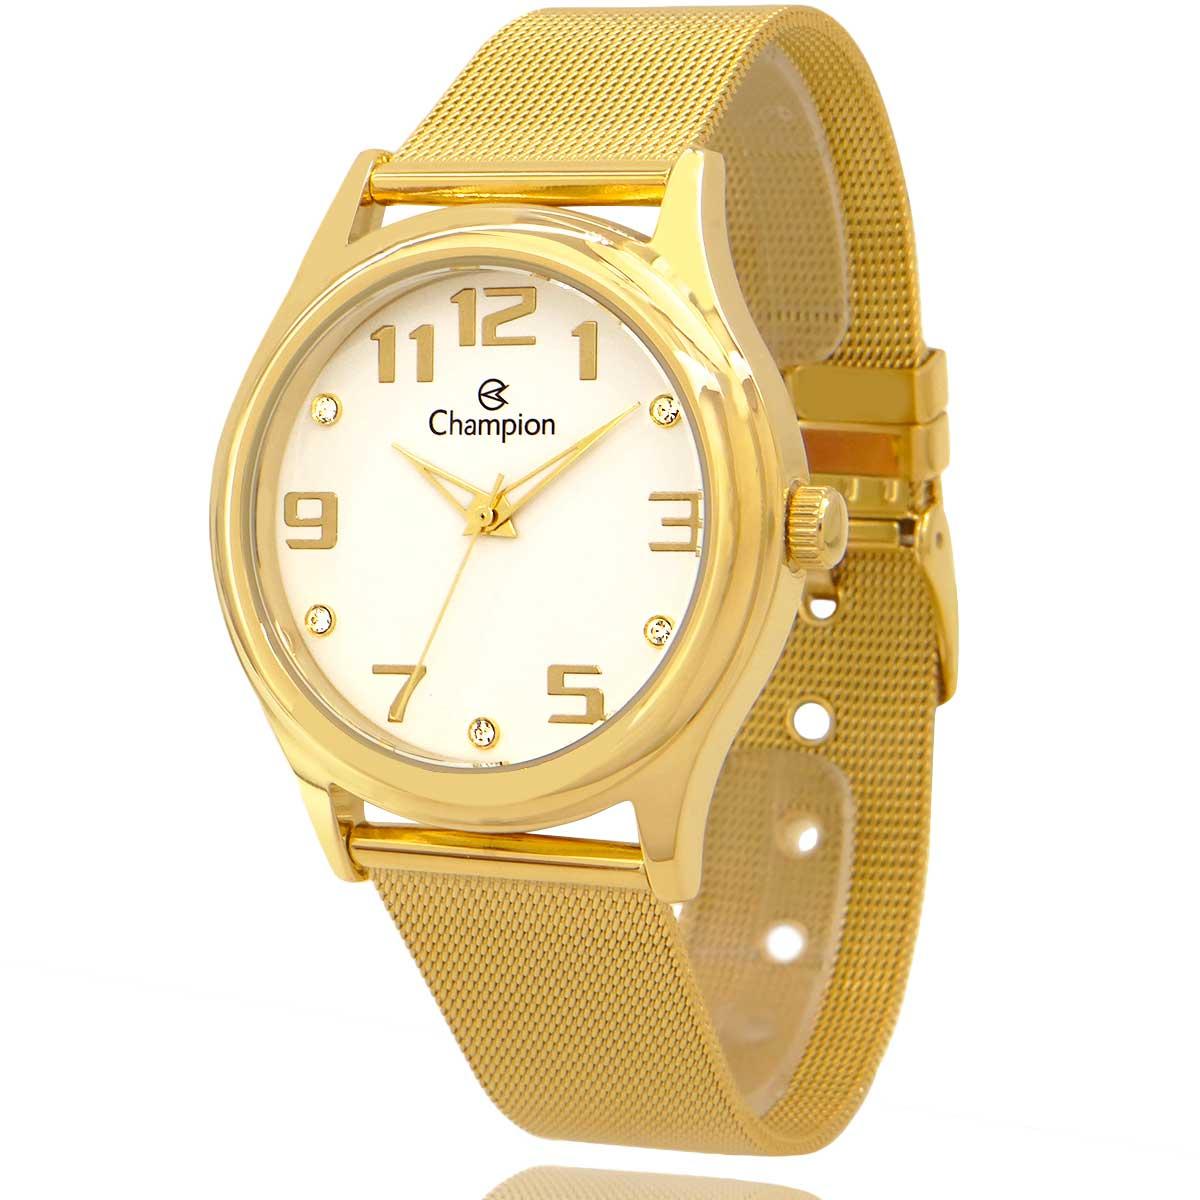 Relógio Champion Feminino Dourado e Branco com Colar e Brincos CN29007W